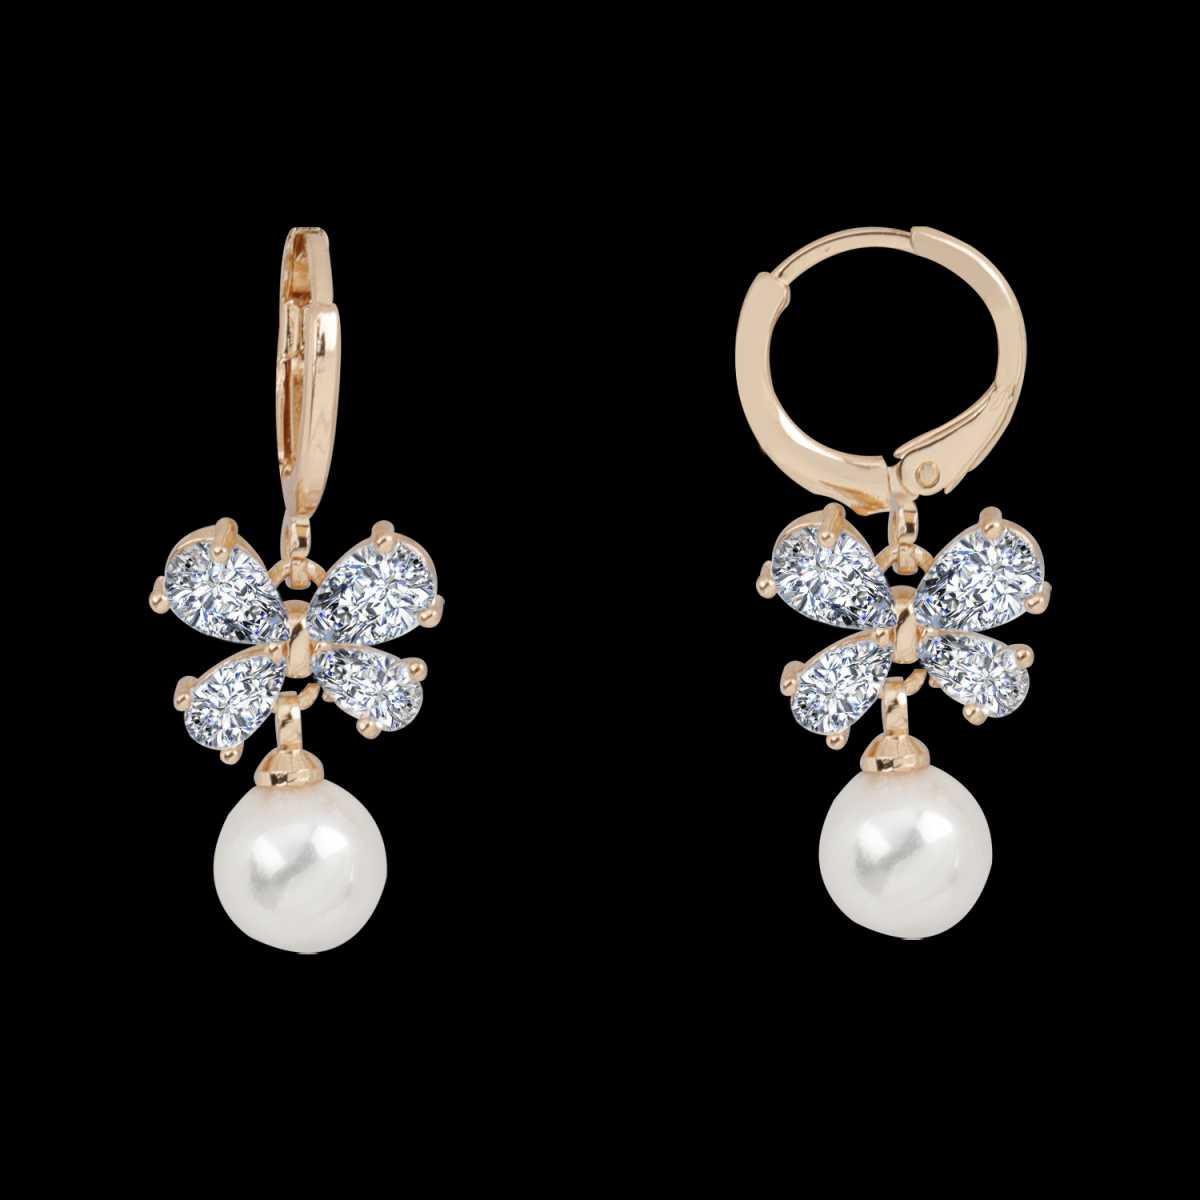 Silver Shine Ultrafancy Golden Butterfly Clip On Bali Earring for Women